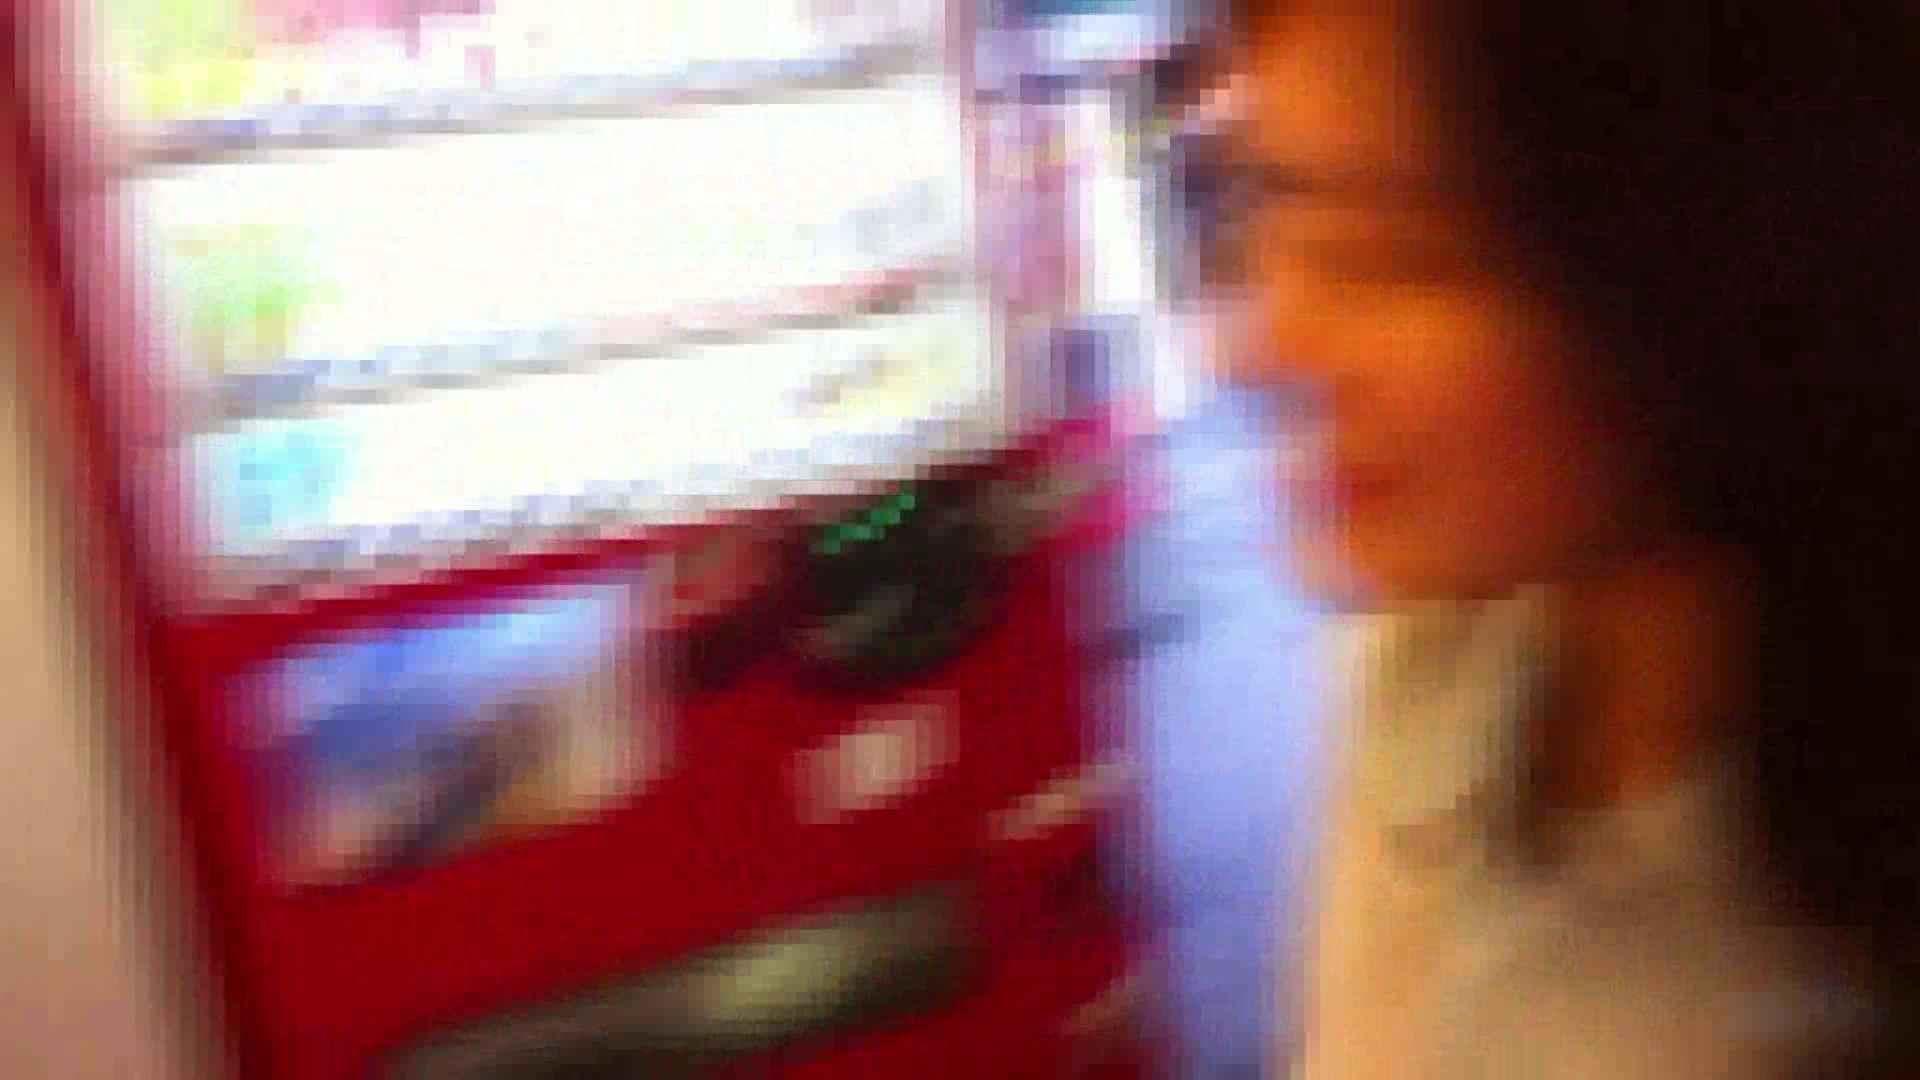 ガールズパンチラストリートビューVol.021 エロティックなOL アダルト動画キャプチャ 59画像 54